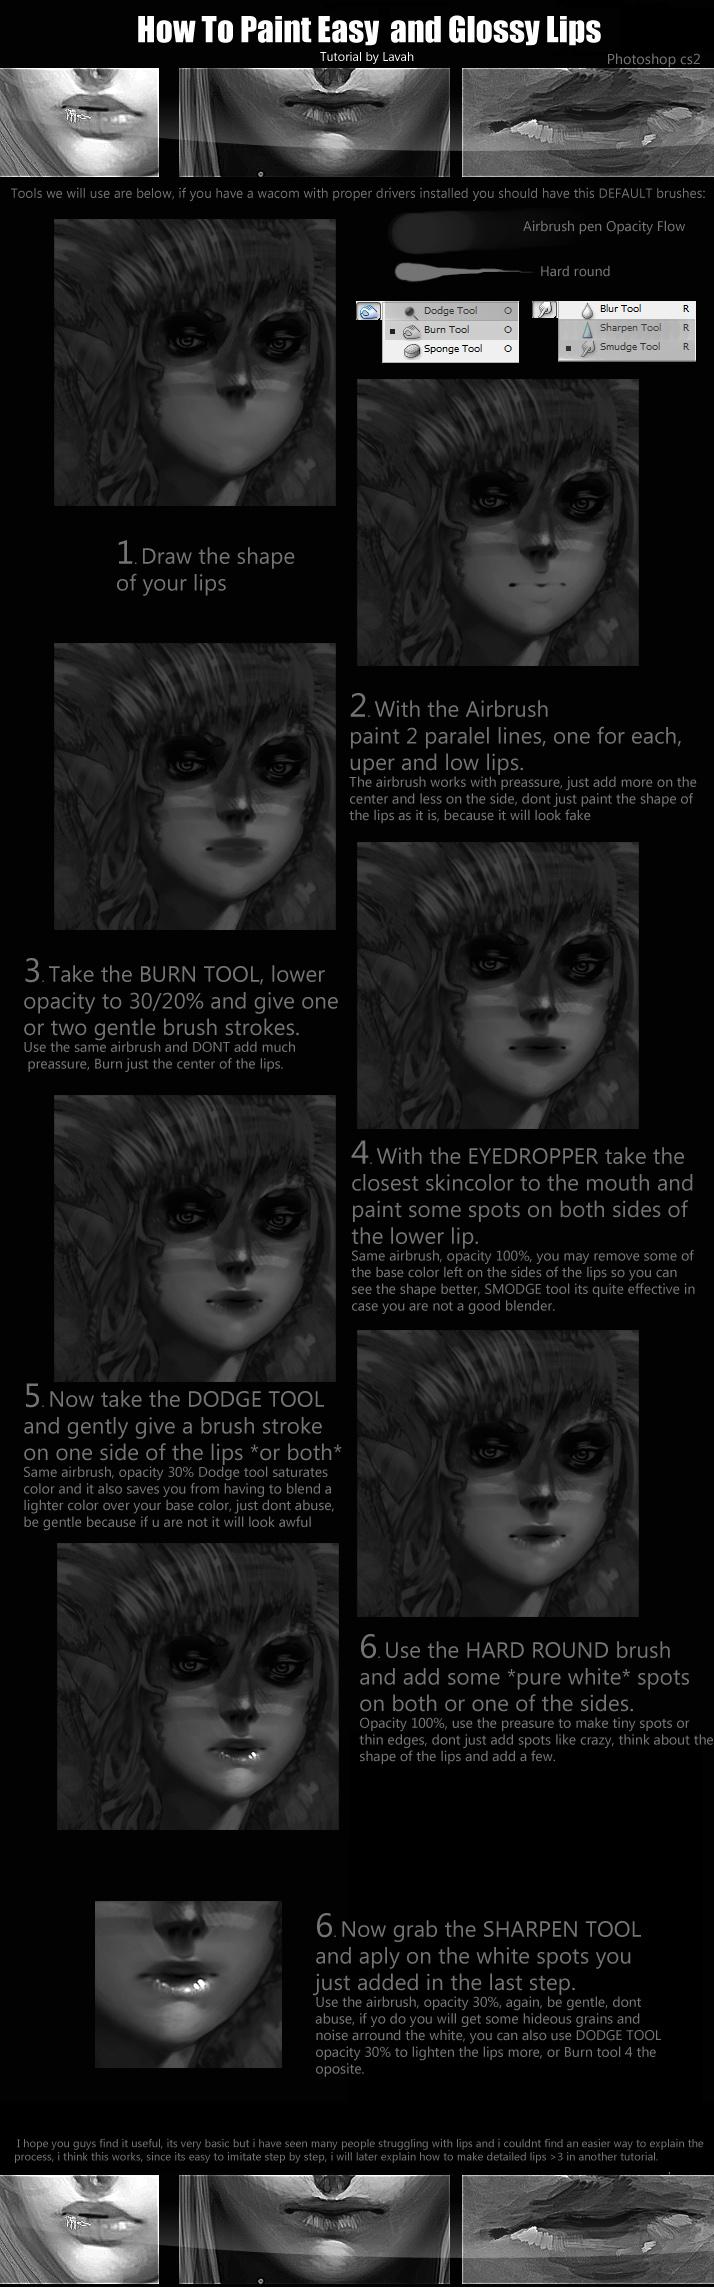 Easy lip painting tutorial 2 by Lavah.deviantart.com on @deviantART